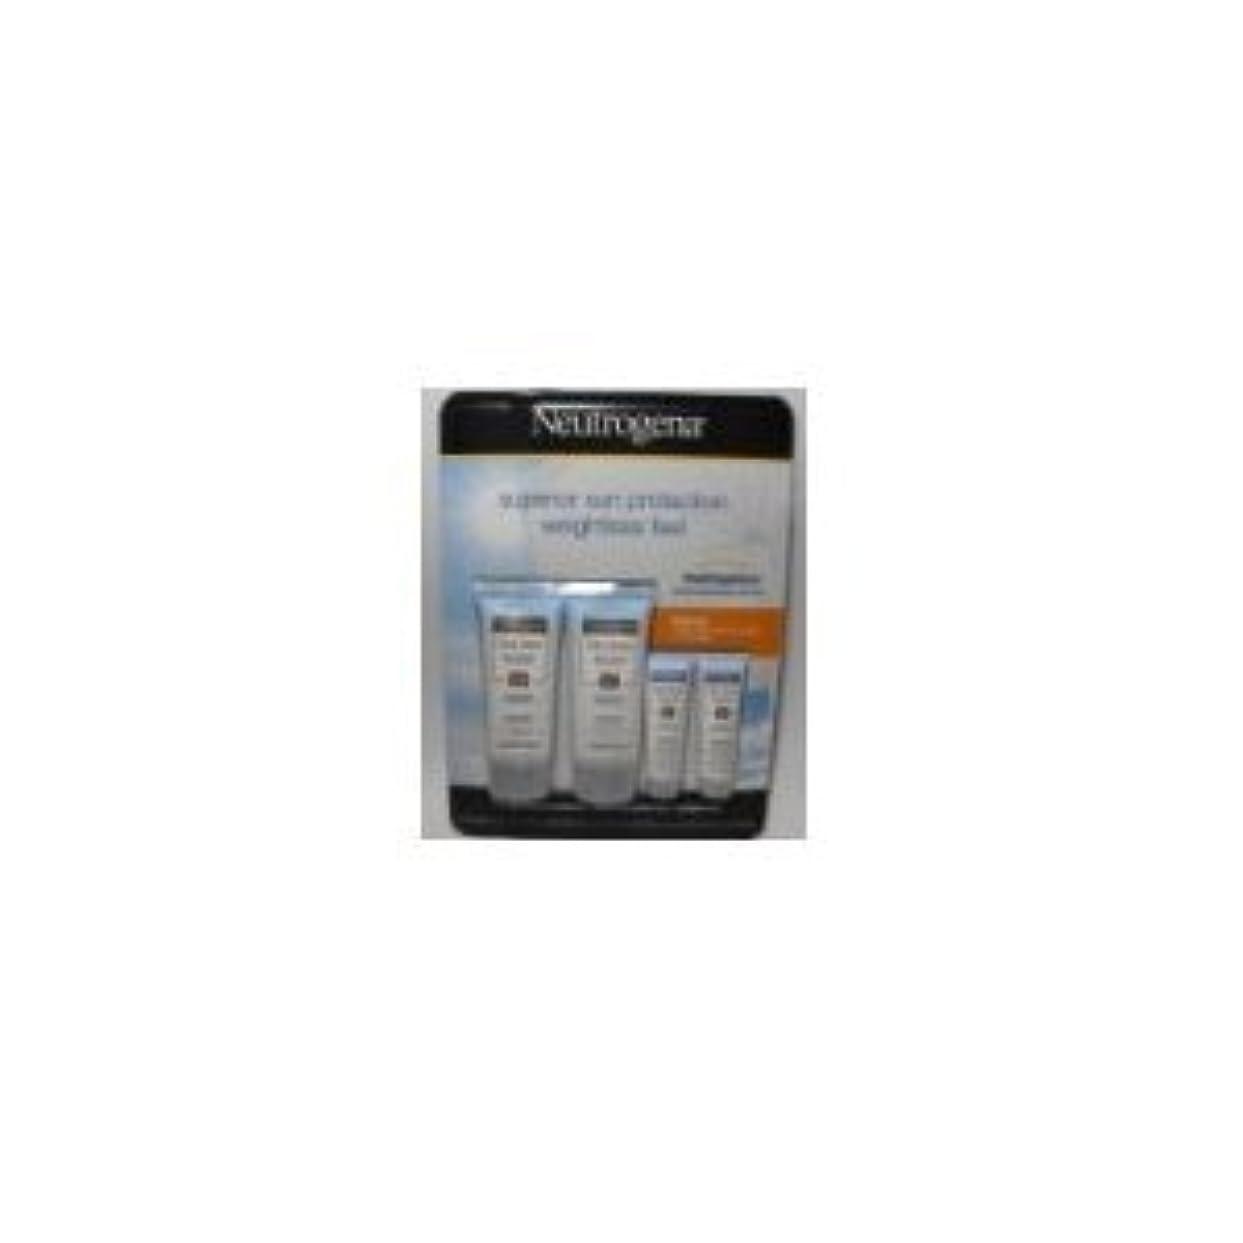 成熟した隠地域のお買い得セット Neutrogena - ニュートロジーナ ドライタッチ サンブロック SPF55 (ウルトラシアー) Ultra Sheer Dry-Touch Sunblock SPF55 海外直送品?並行輸入品